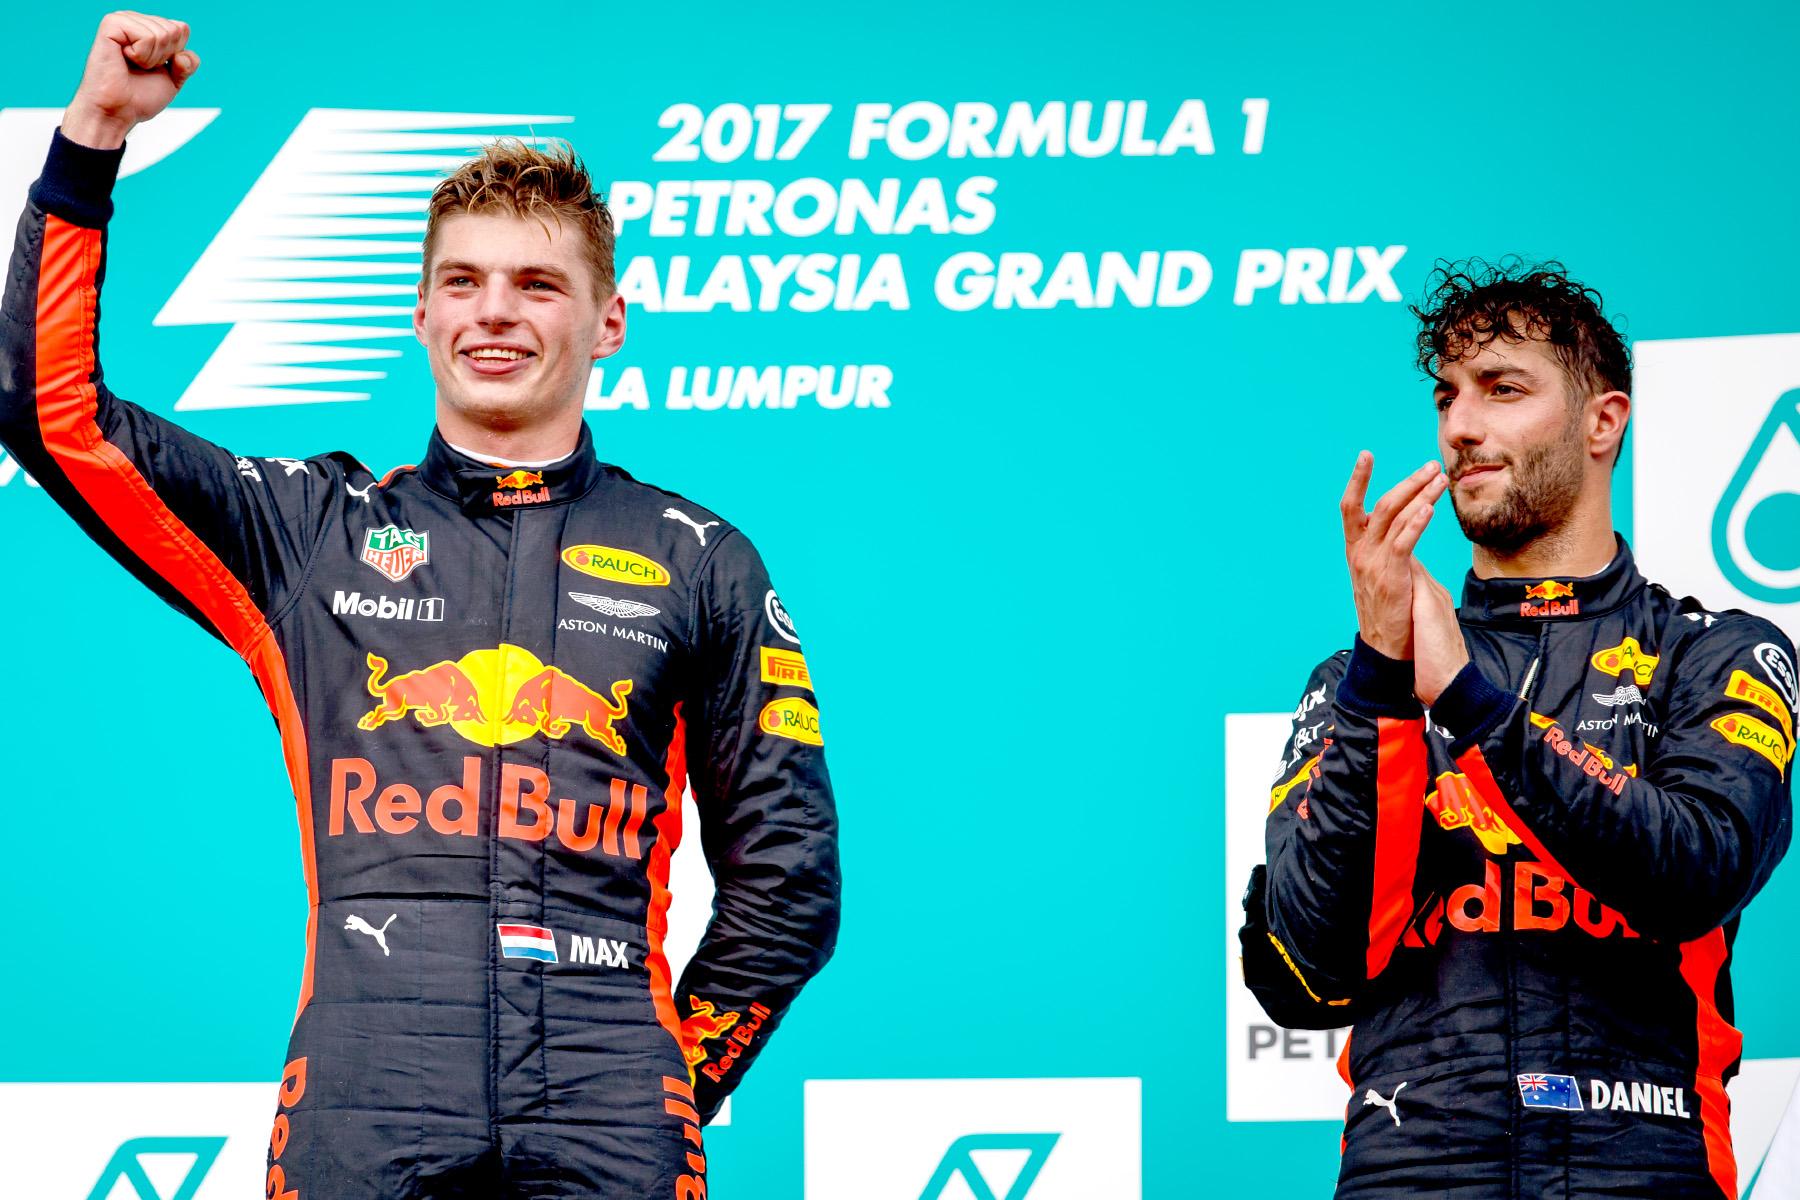 Max Verstappen and Daniel Ricciardo celebrate on the 2017 Malaysian Grand Prix podium.